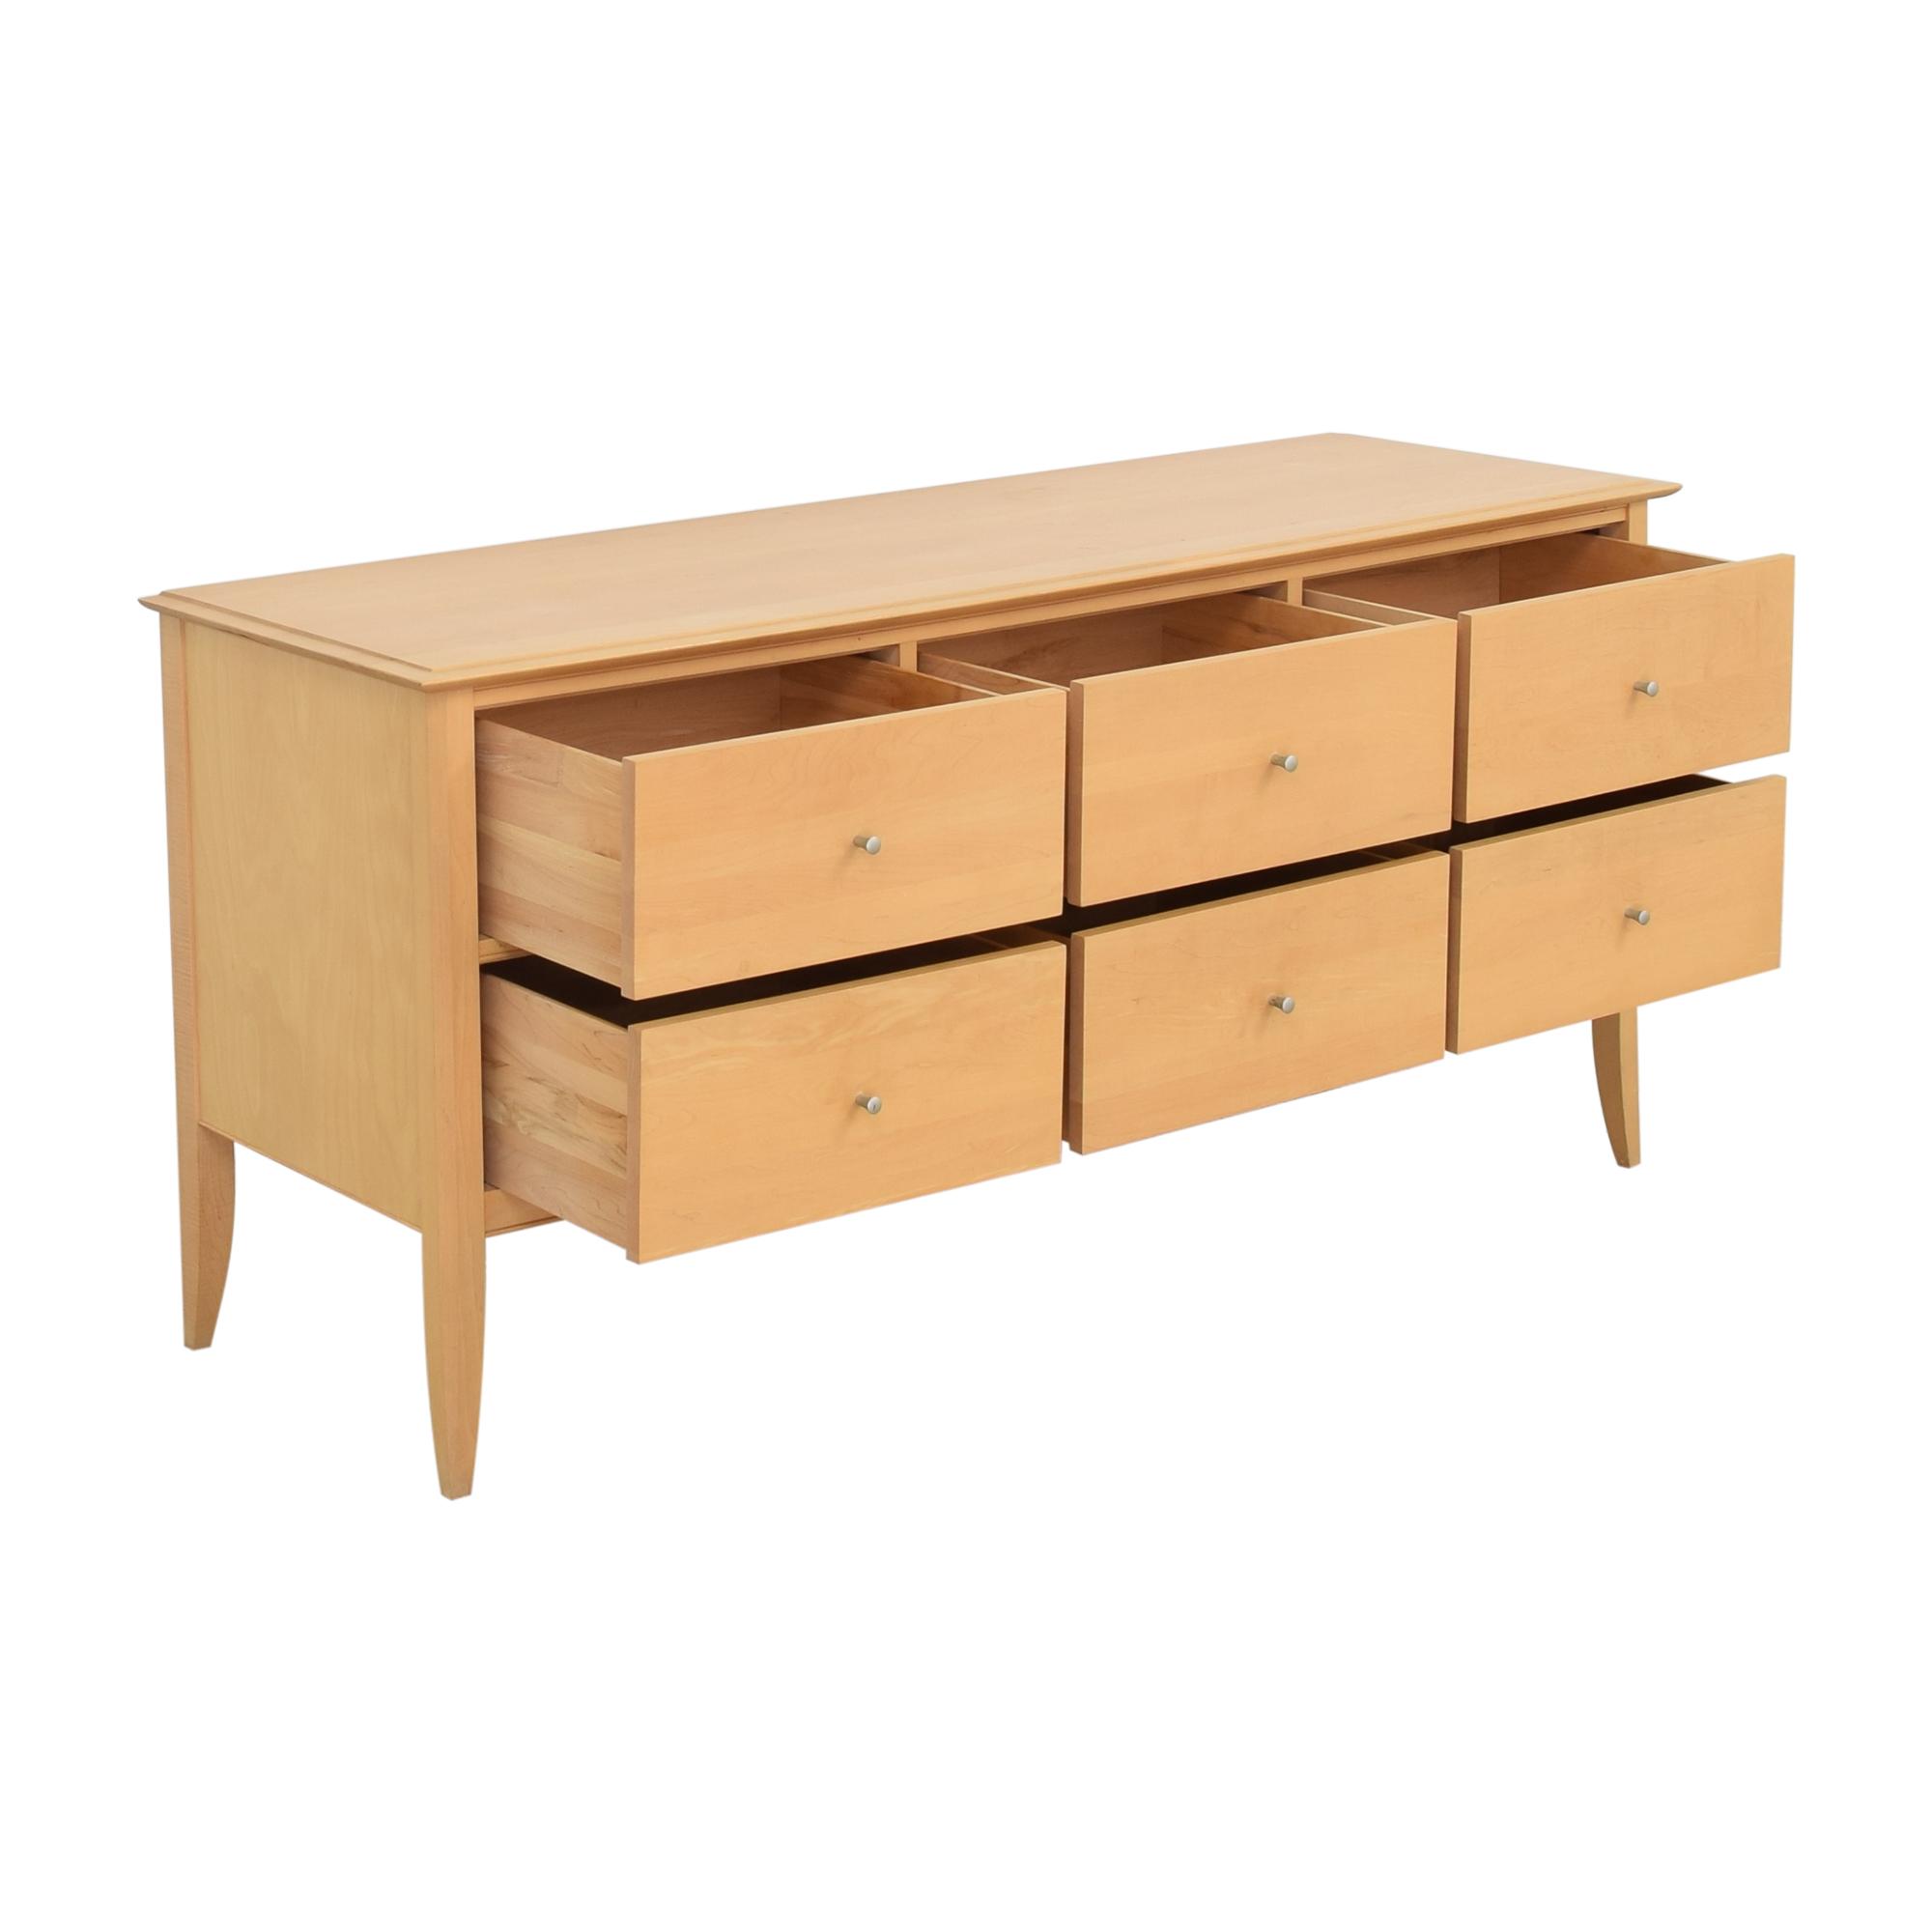 Crate & Barrel Crate & Barrel Baronet Six Drawer Dresser discount